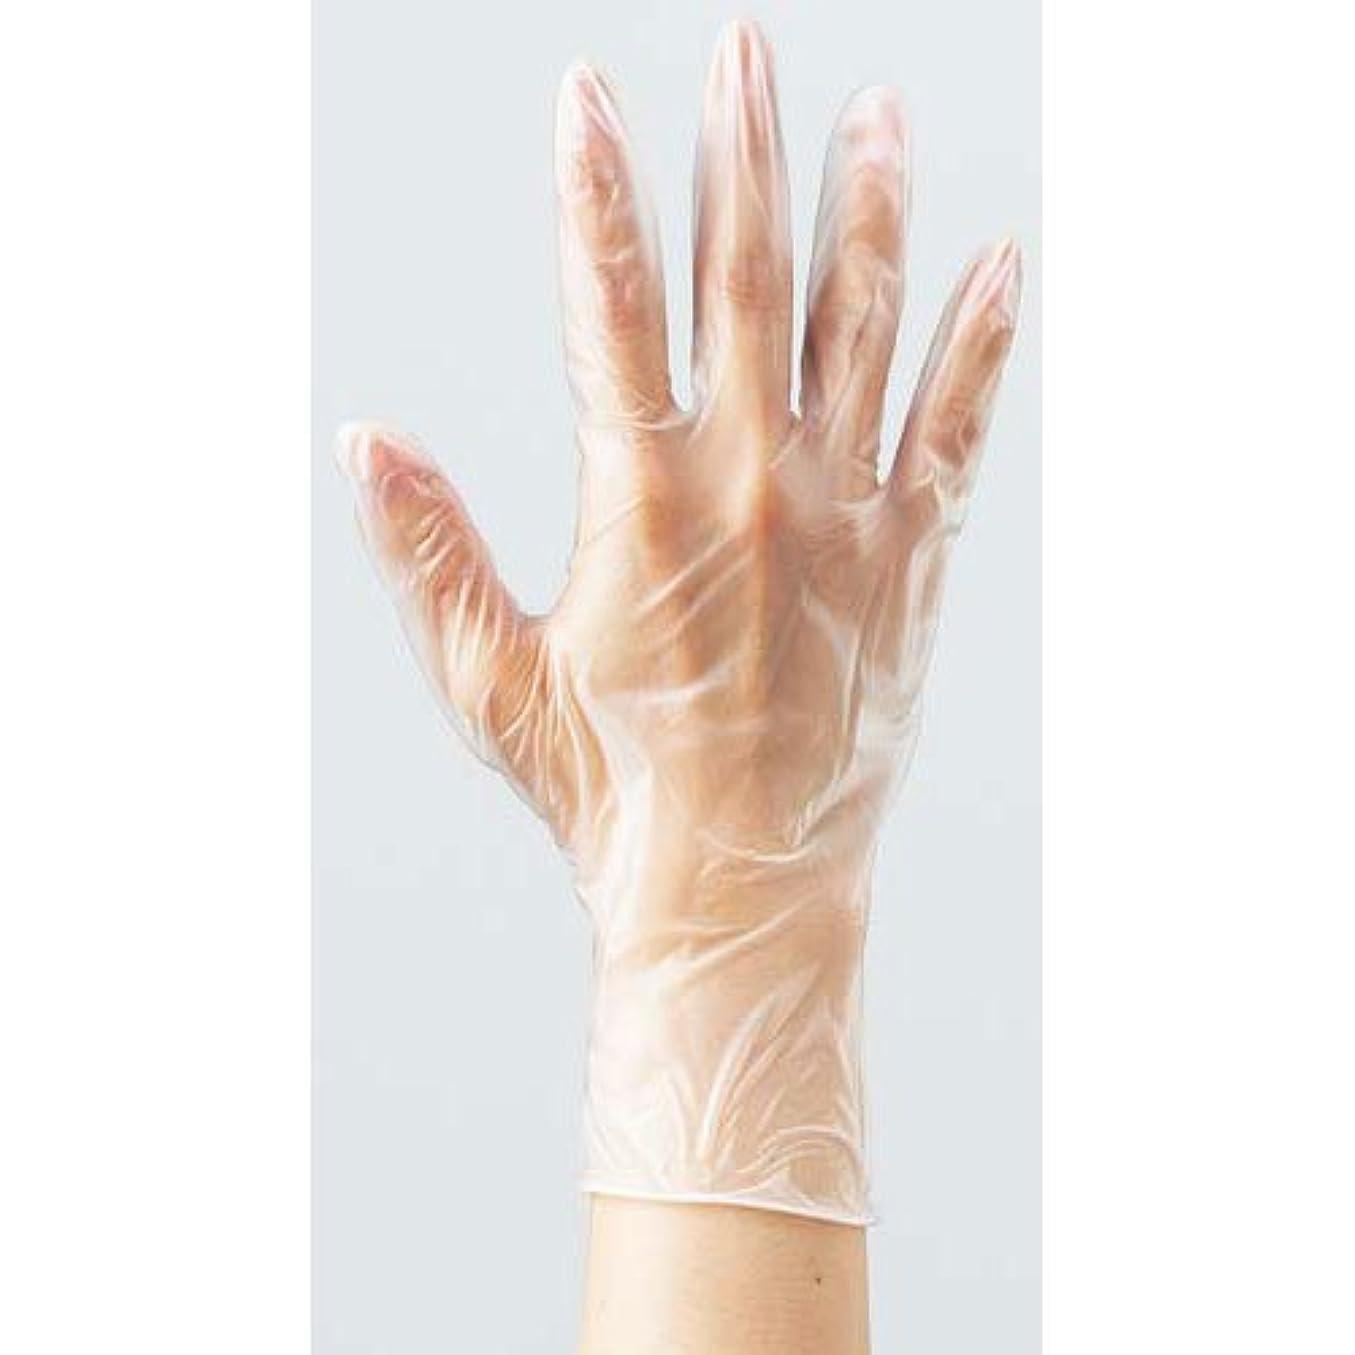 オーバーラン戦う偽造カウネット プラスチック手袋 袋入 粉付M 100枚